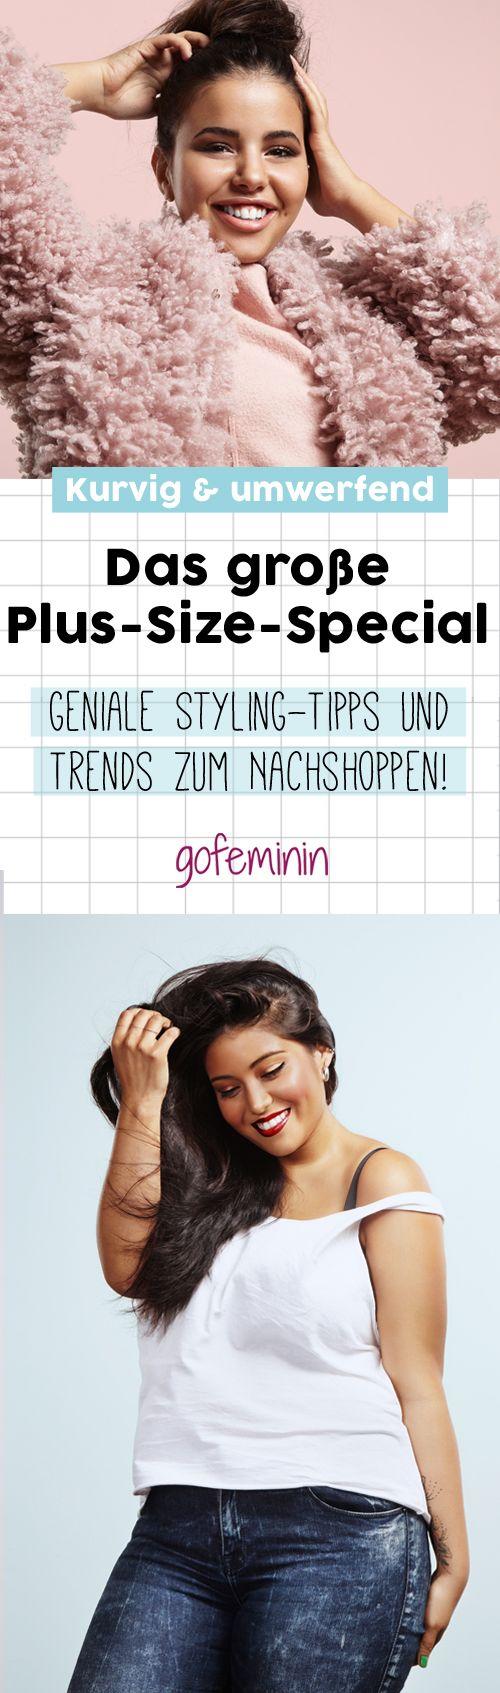 287 besten styles f r kurvenstars angesagte plus size - Modetipps fa r mollige ...